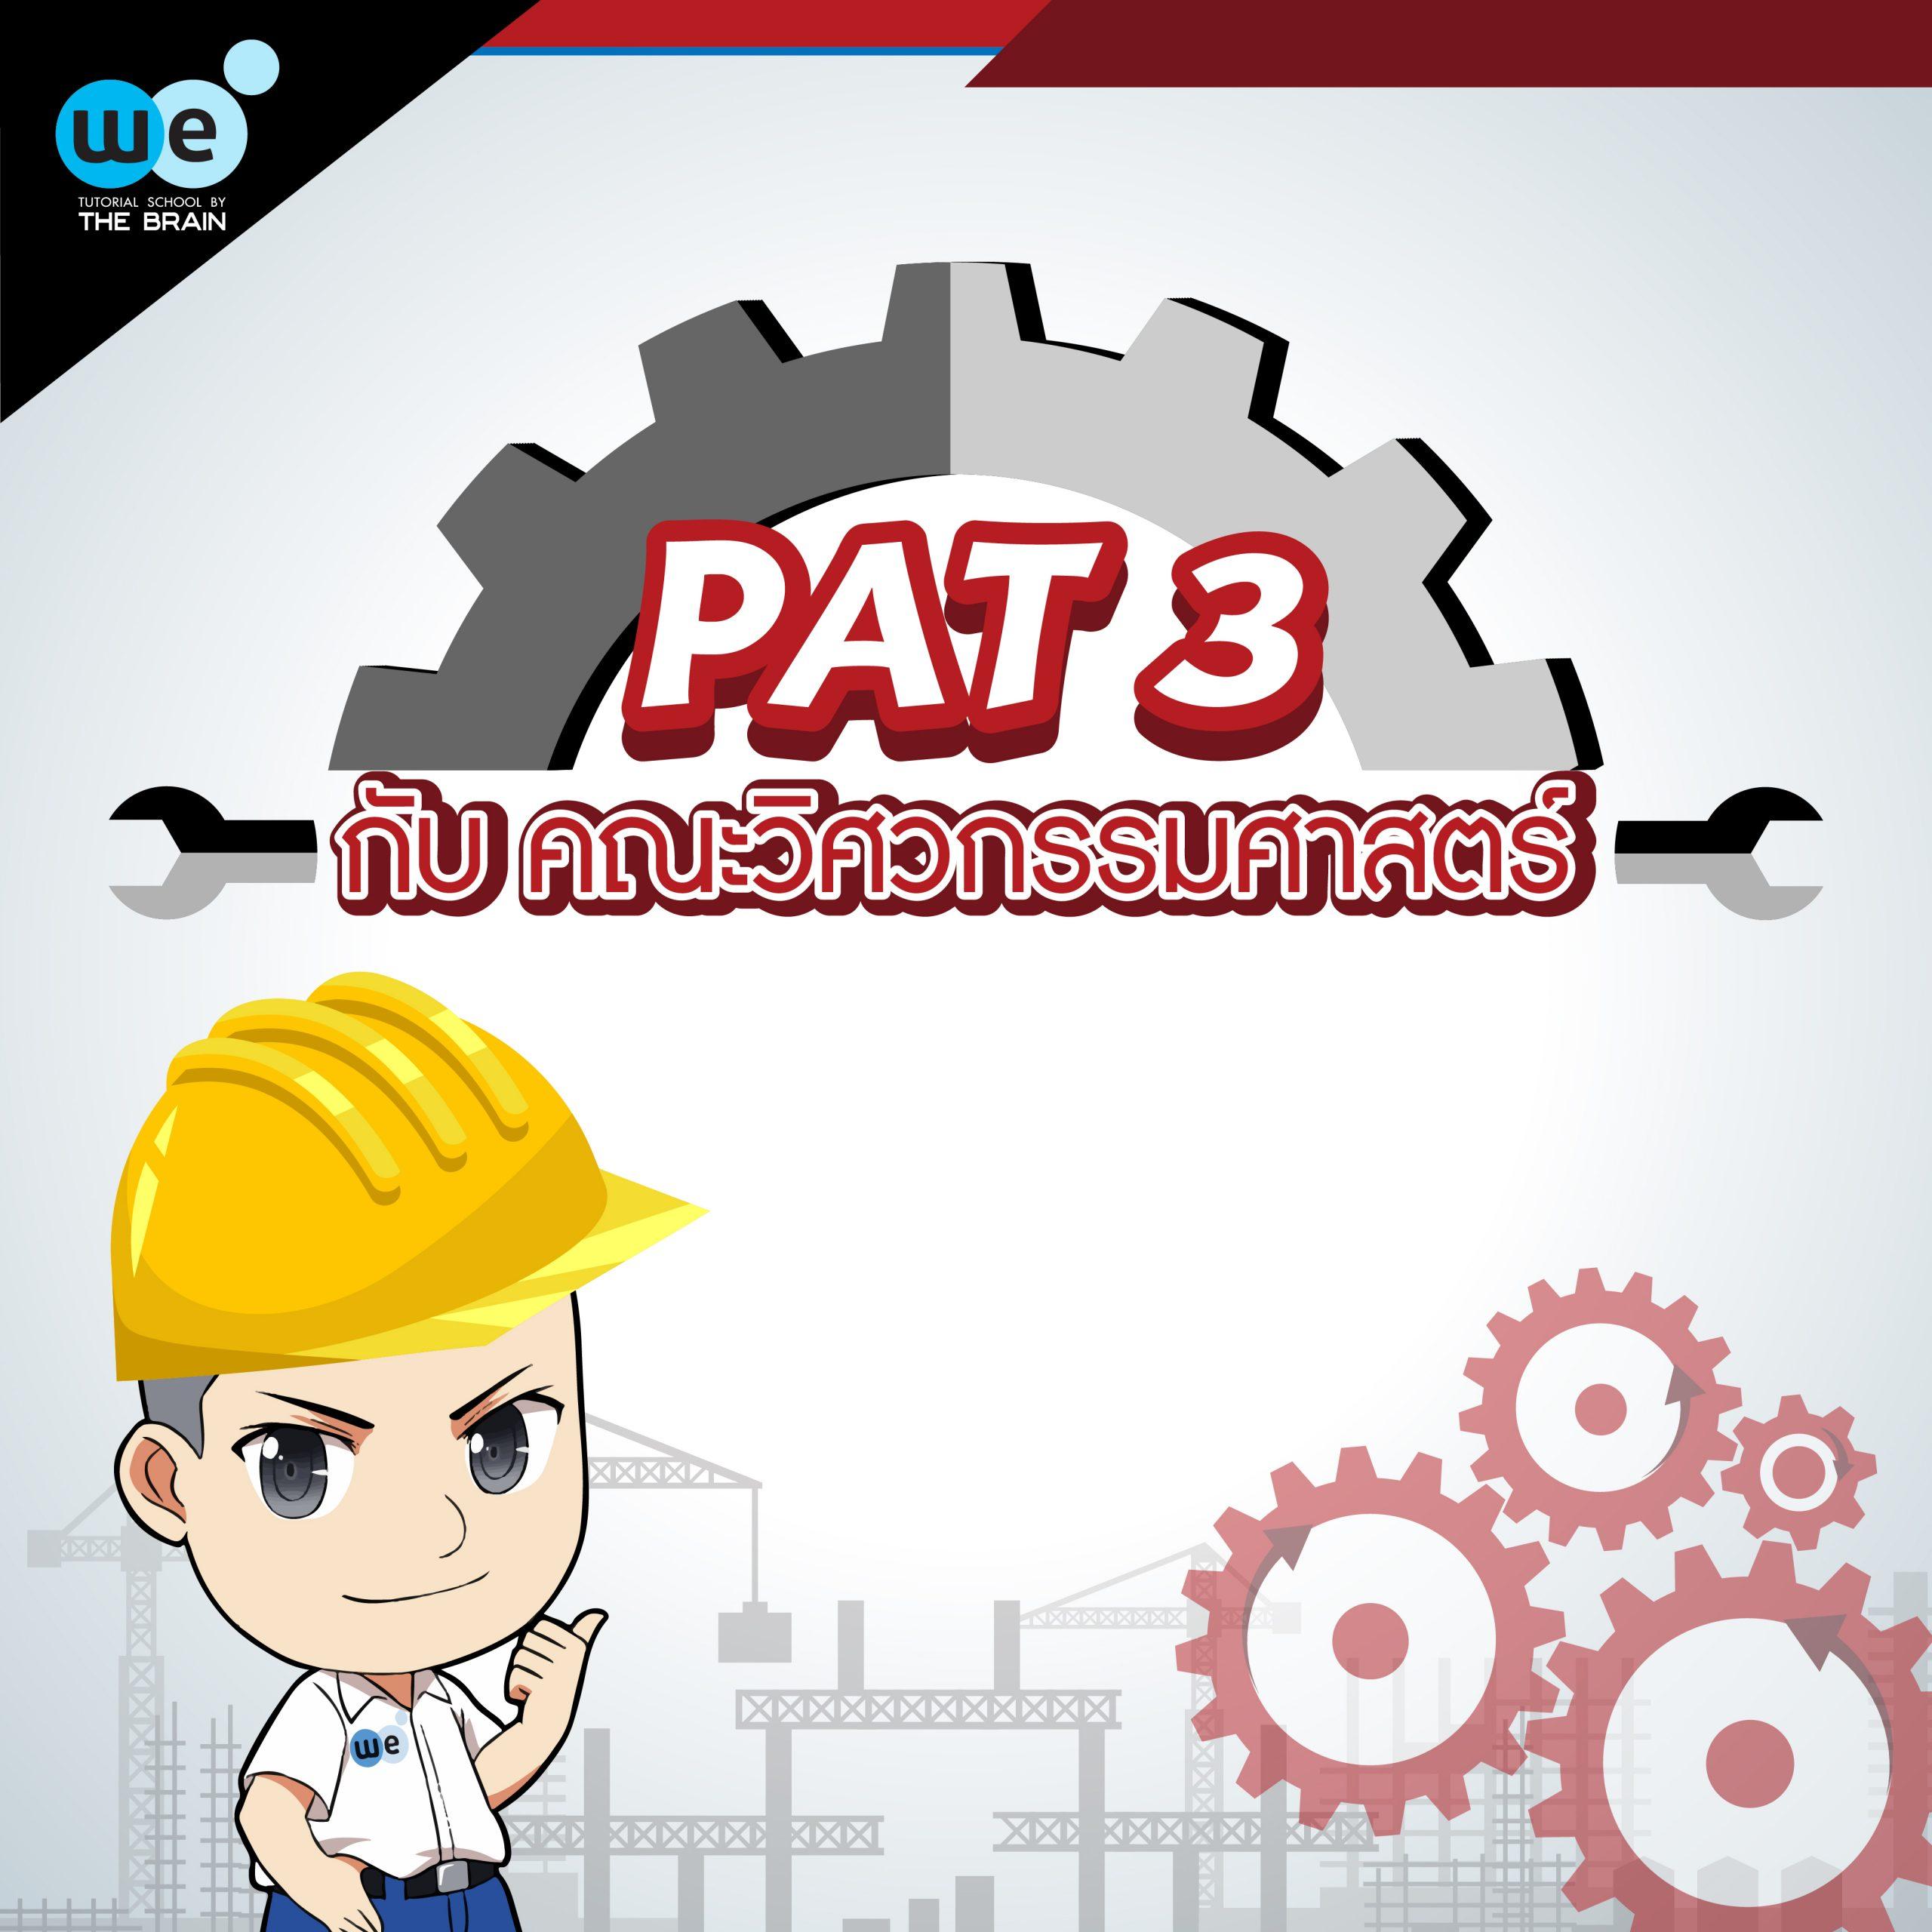 บทความ PAT 3 กับวิศวกรรมศาสตร์